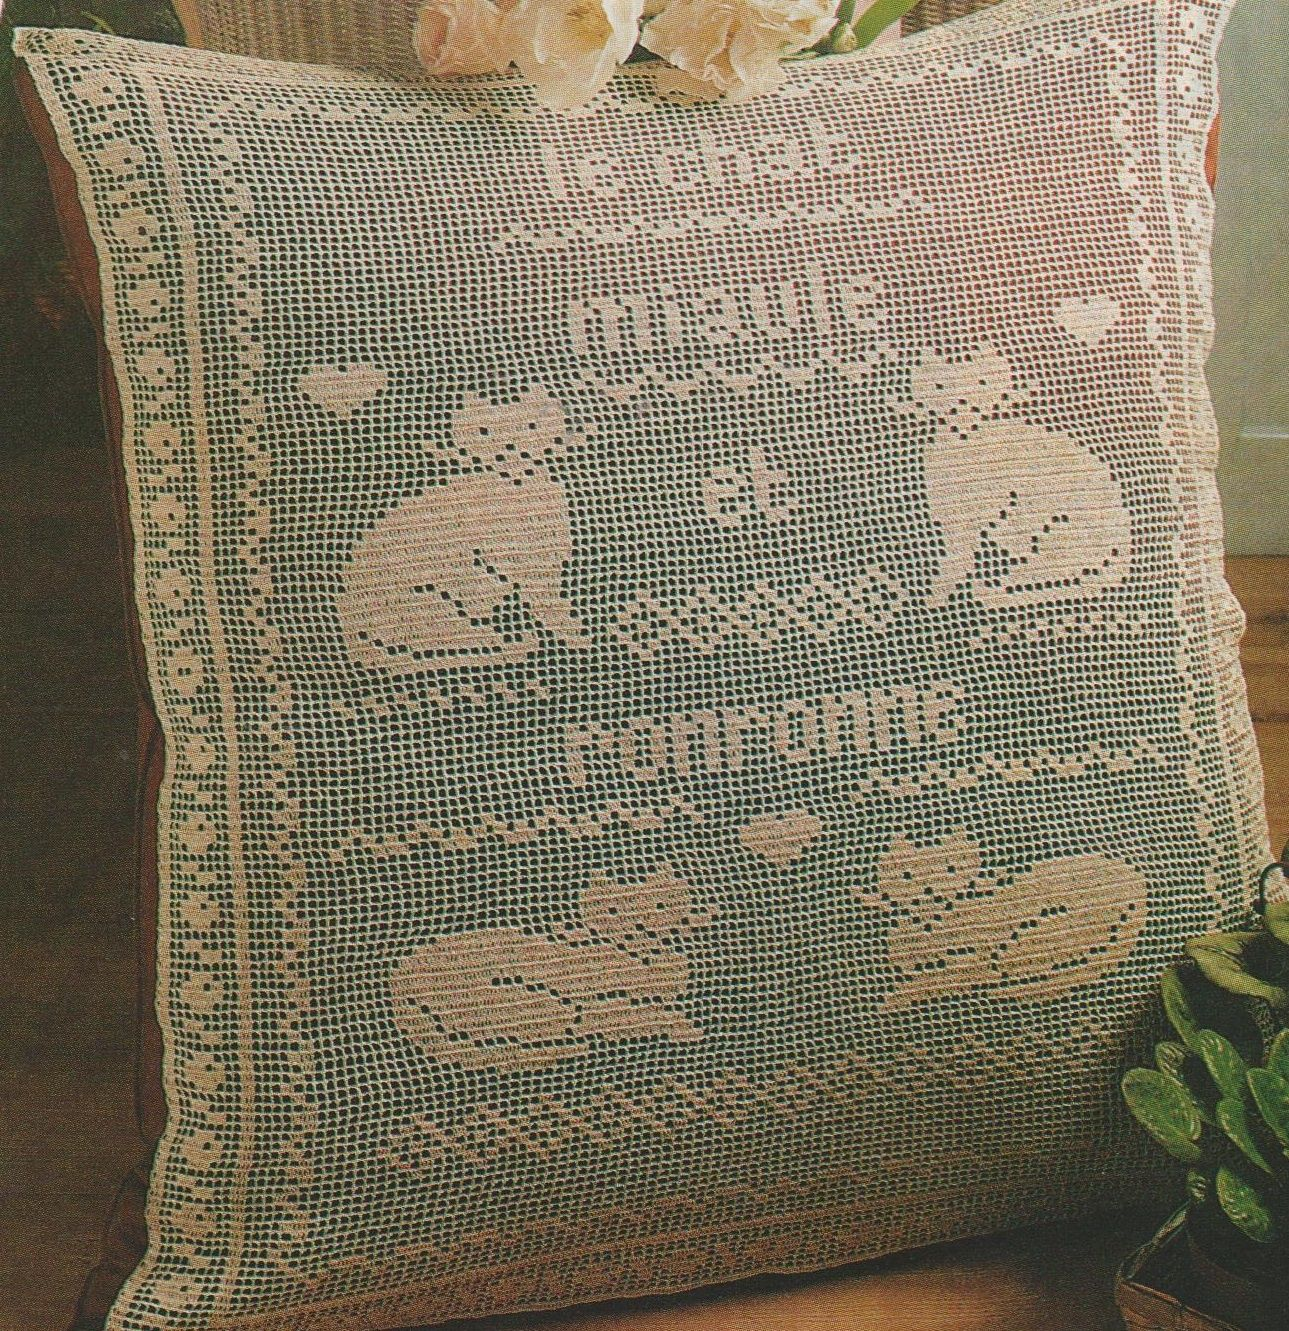 crochet coussin ou napperon chat miaule tutoriel gratuit d coration au crochet pinterest. Black Bedroom Furniture Sets. Home Design Ideas